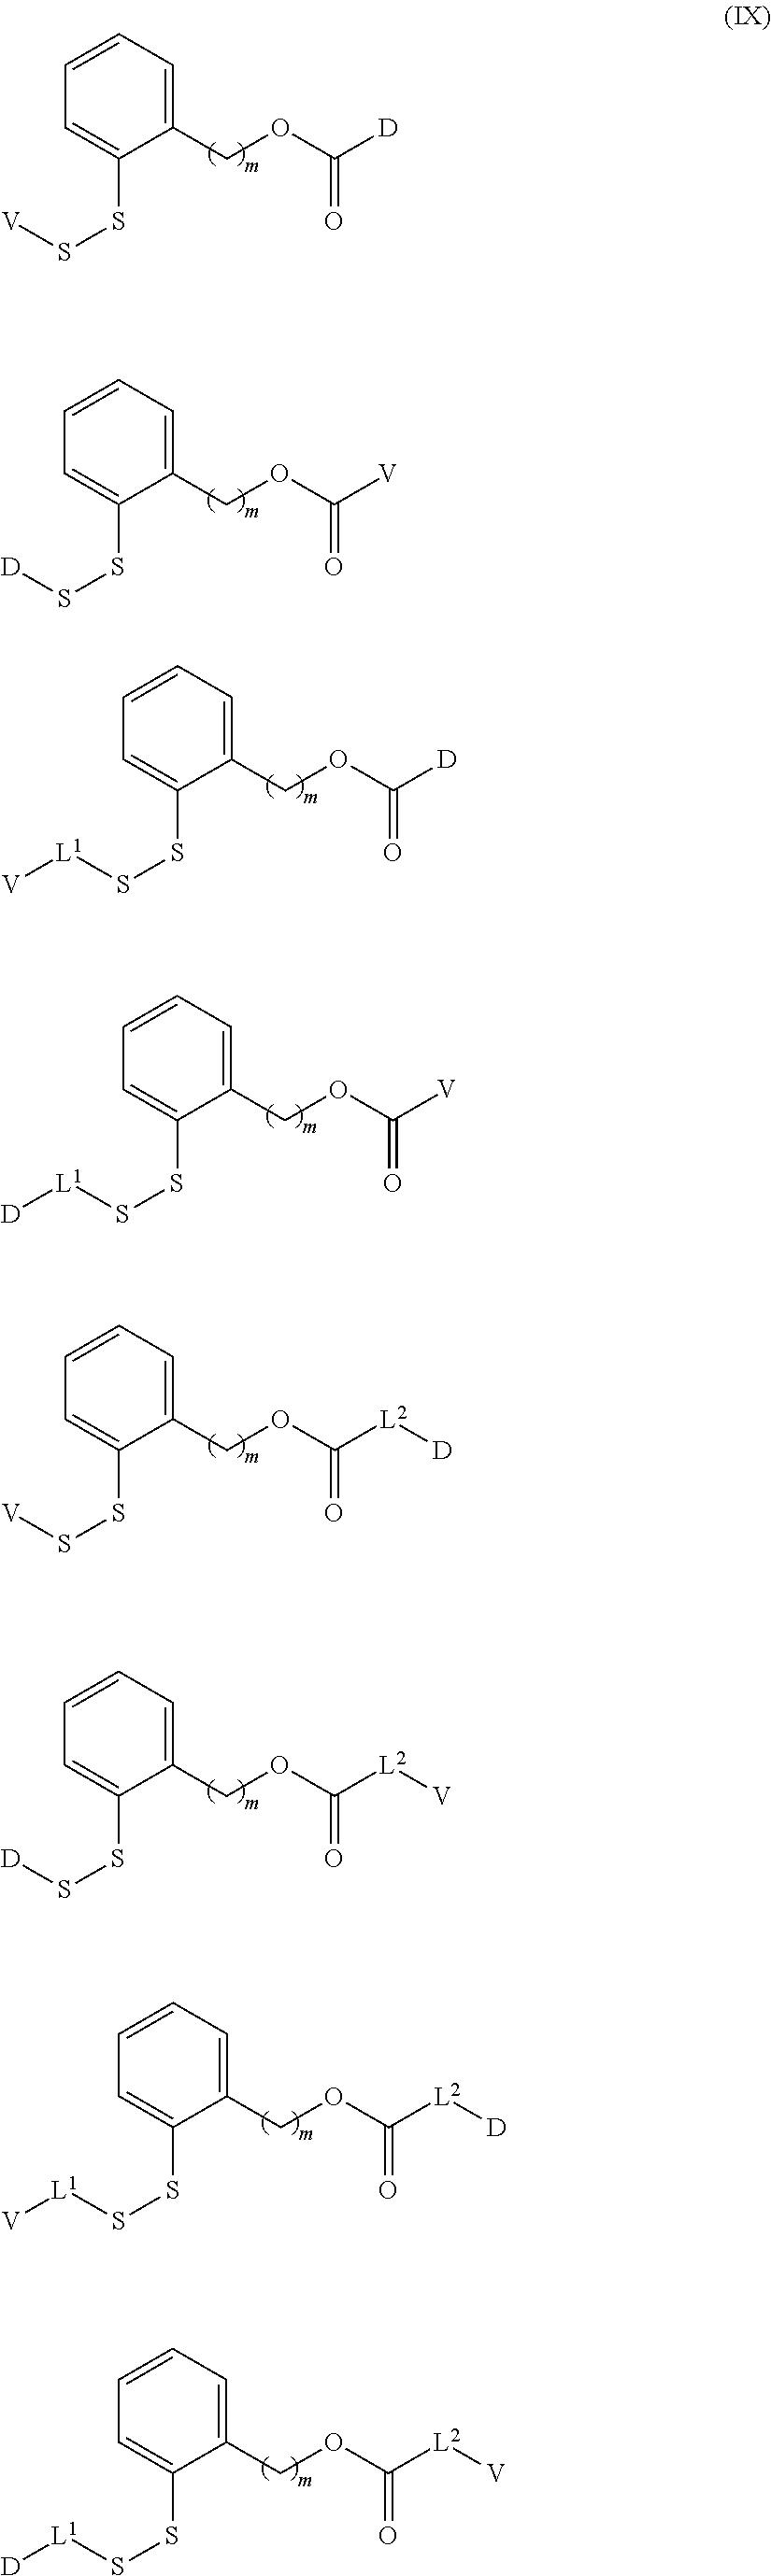 Figure US09550734-20170124-C00005